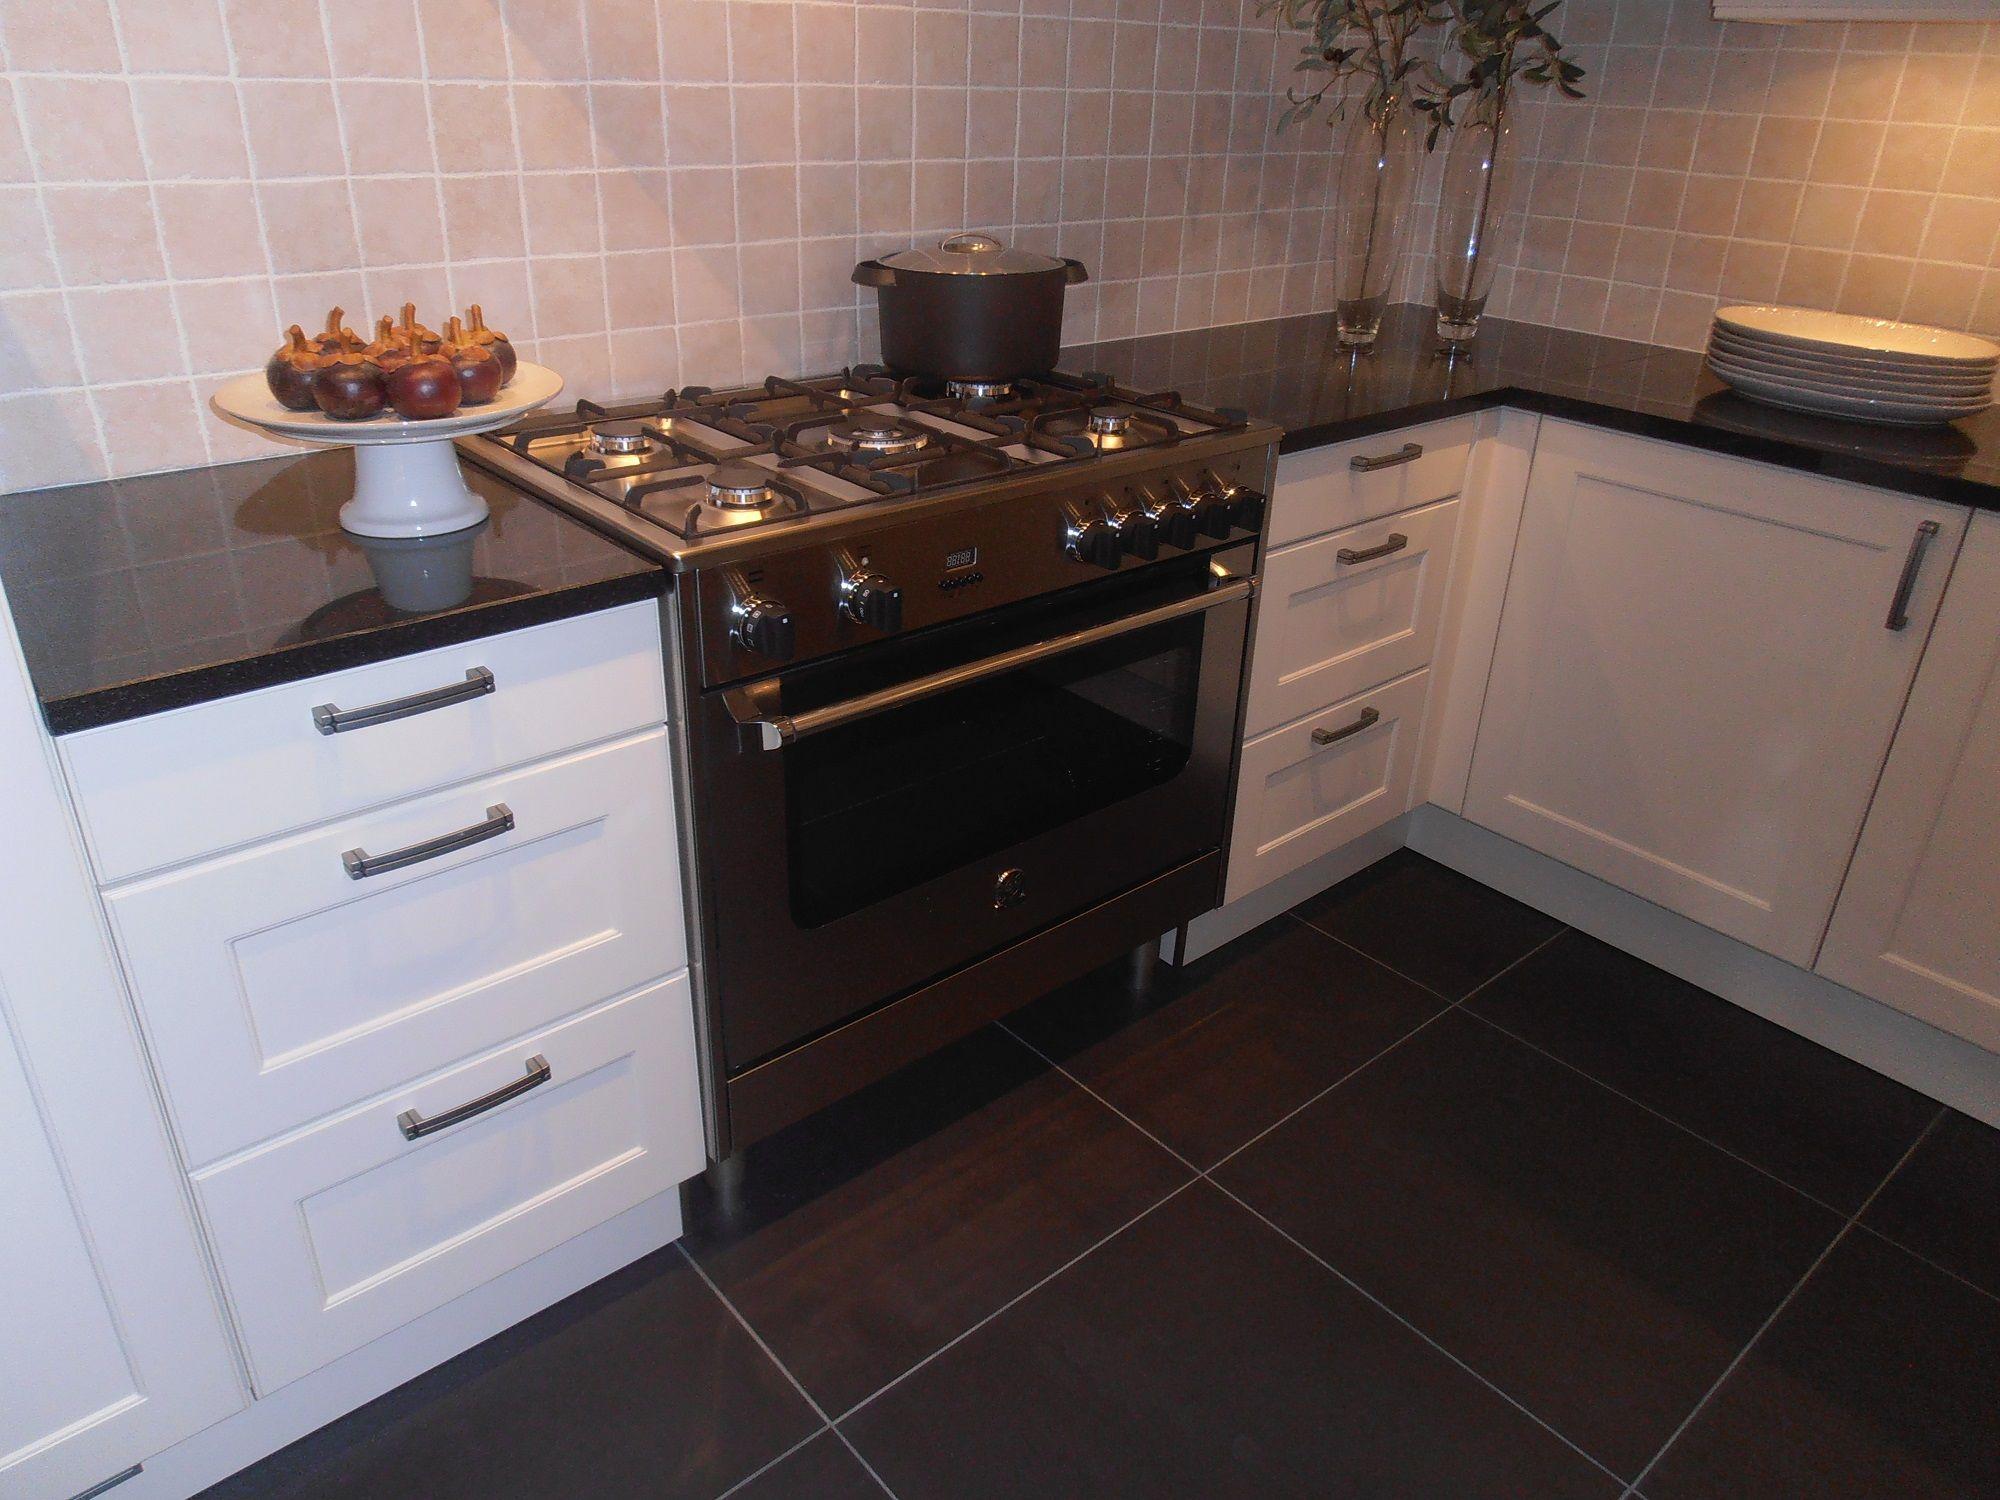 Showroomuitverkoop landelijke keuken met granieten werkblad